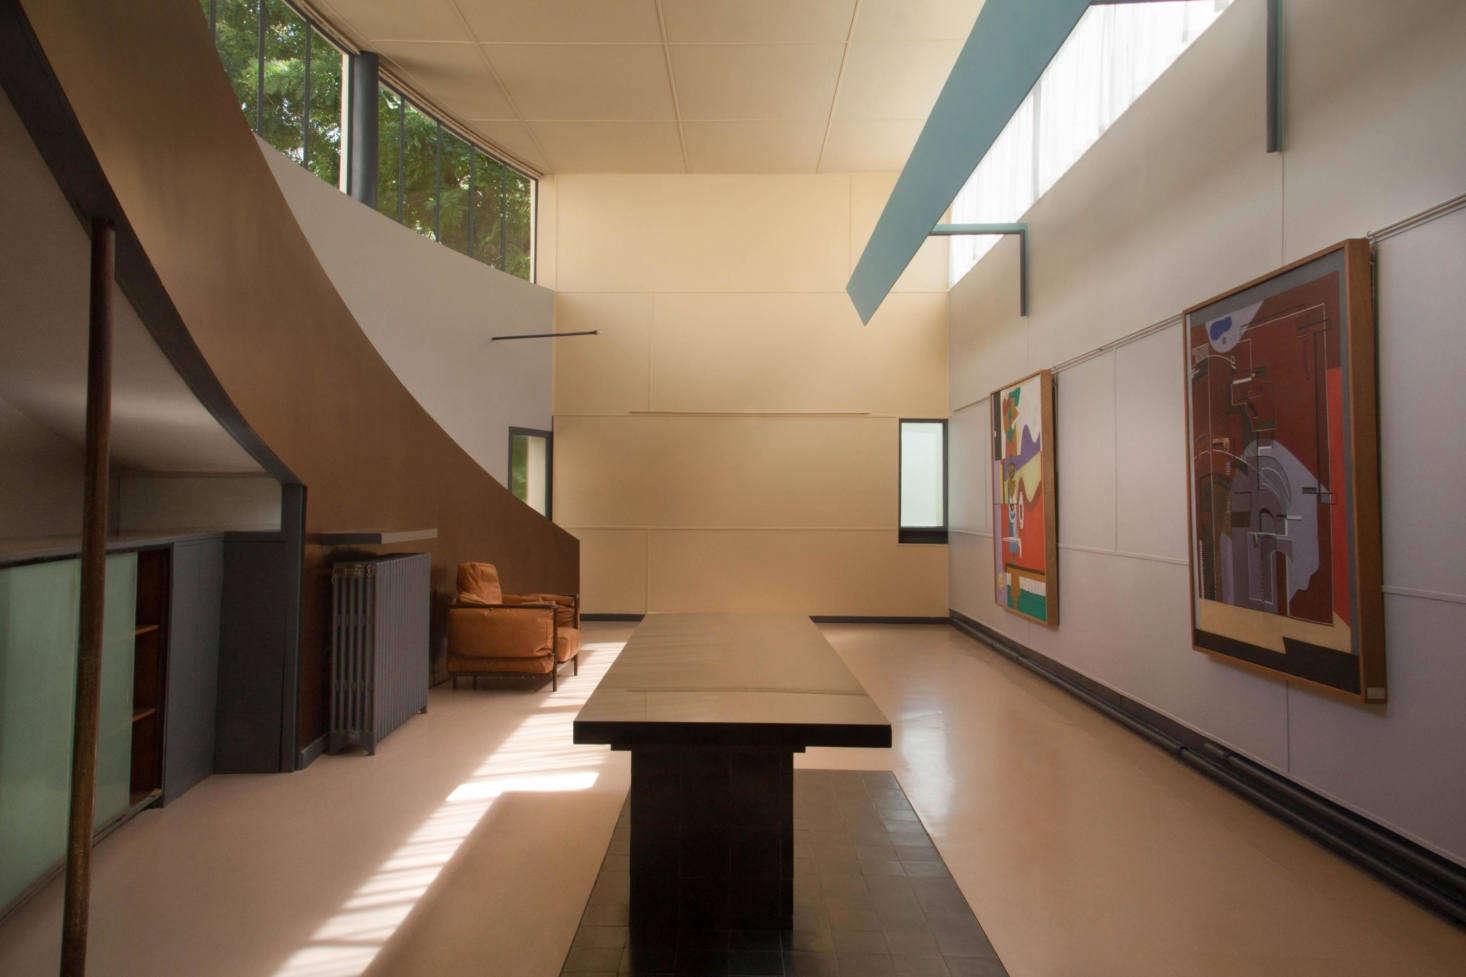 Le Corbusier Les 5 Points 12 design lessons from le corbusier's maison la roche in